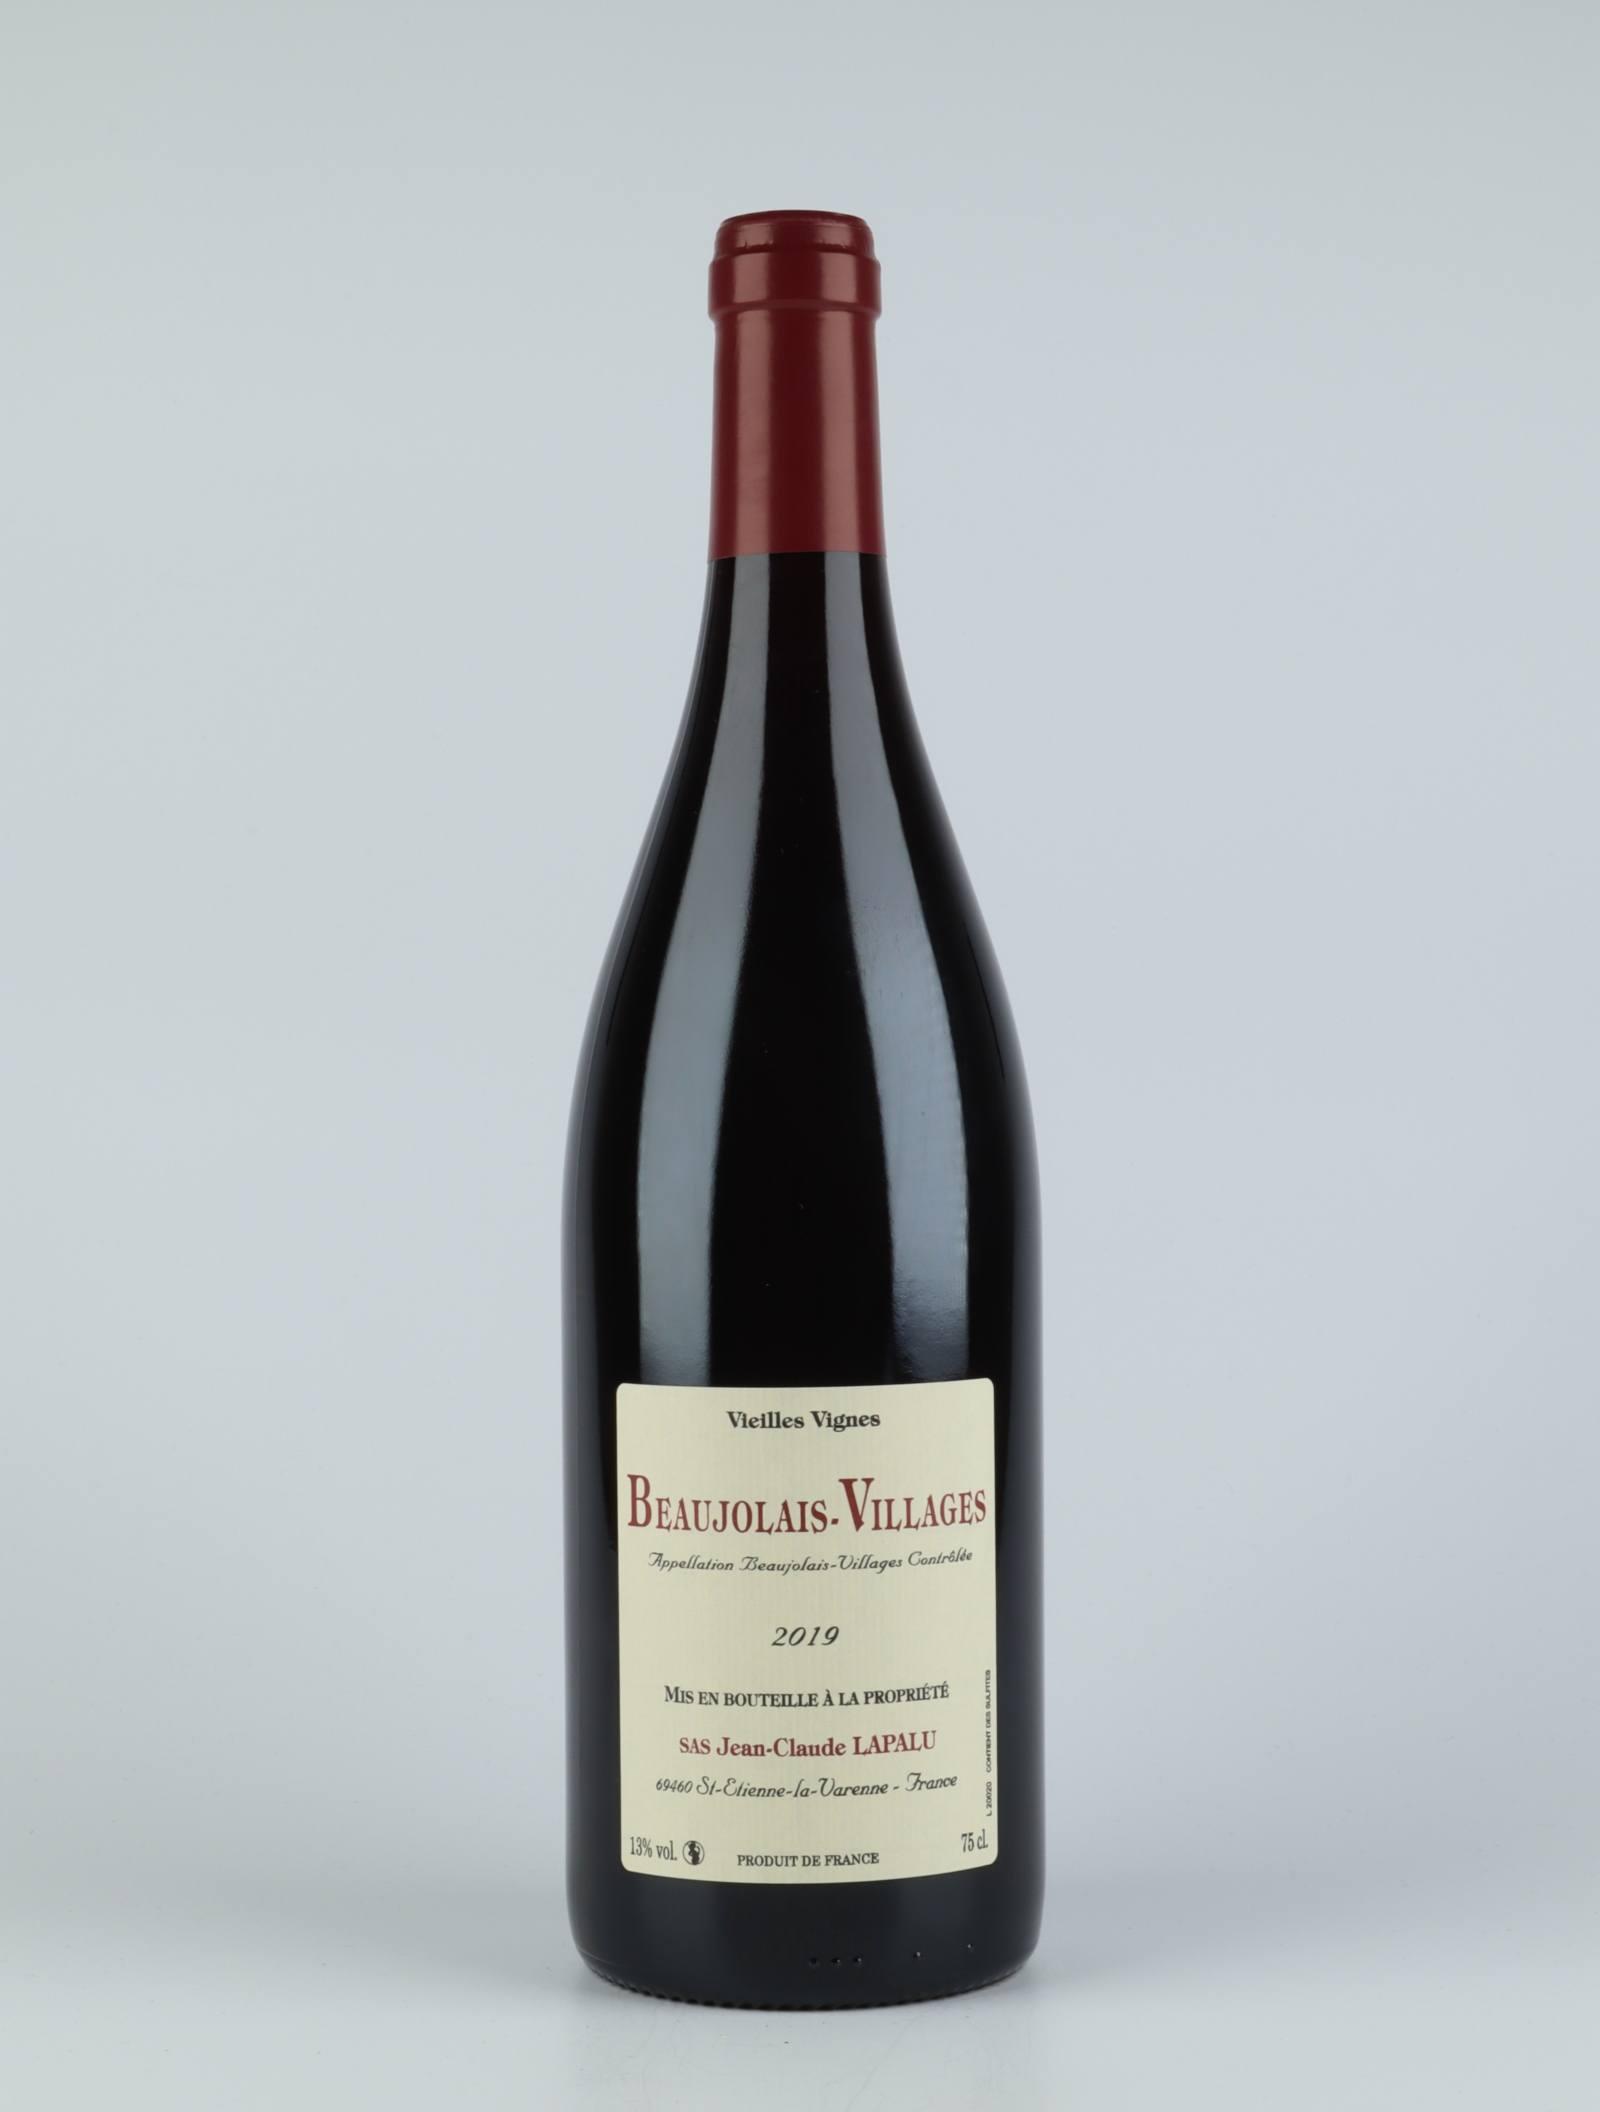 Beaujolais Villages - Vieilles Vignes